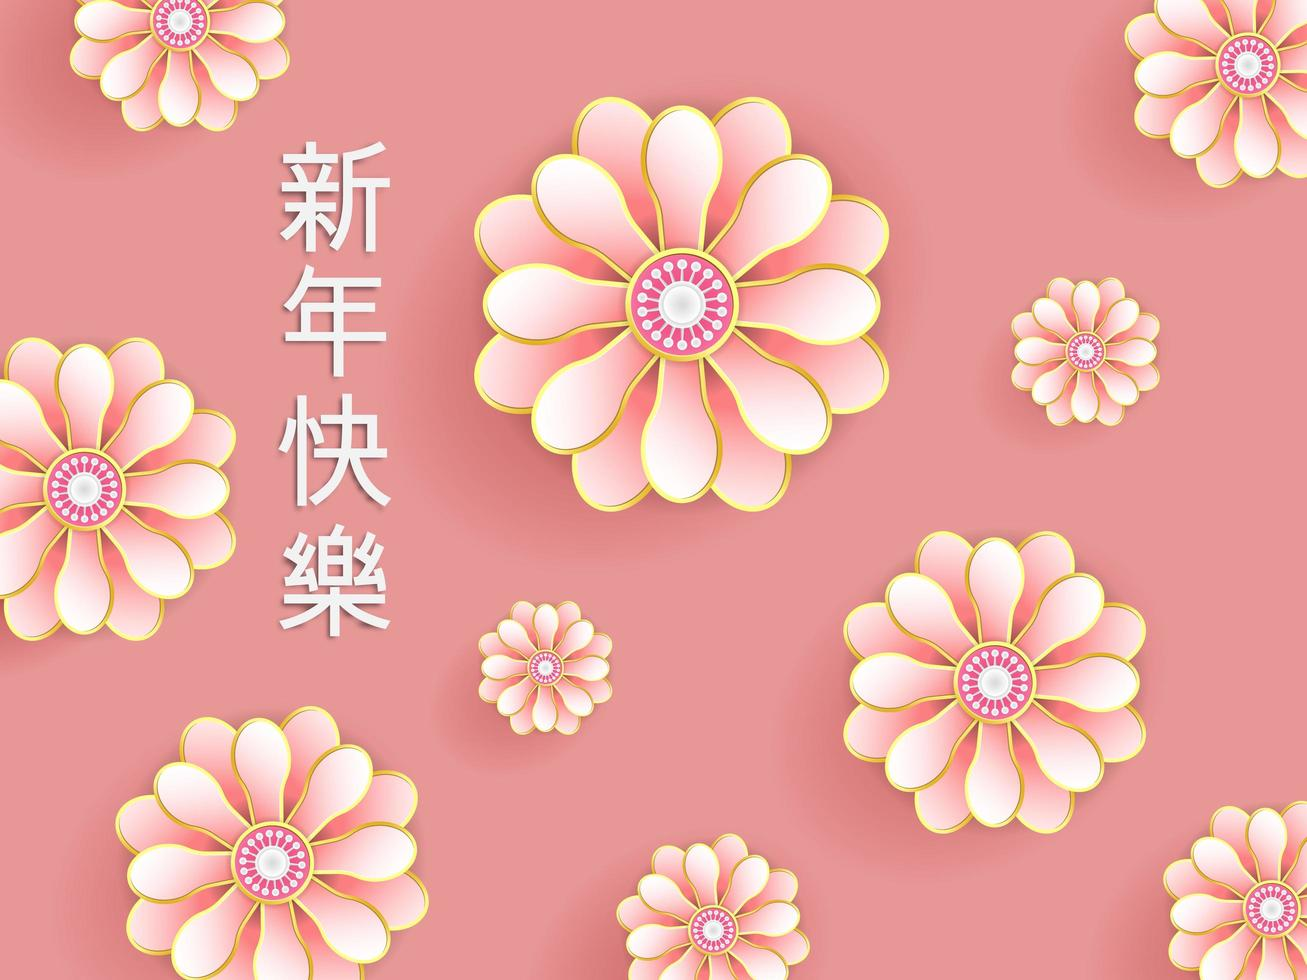 illustration de fleurs roses avec calligraphie chinoise vecteur